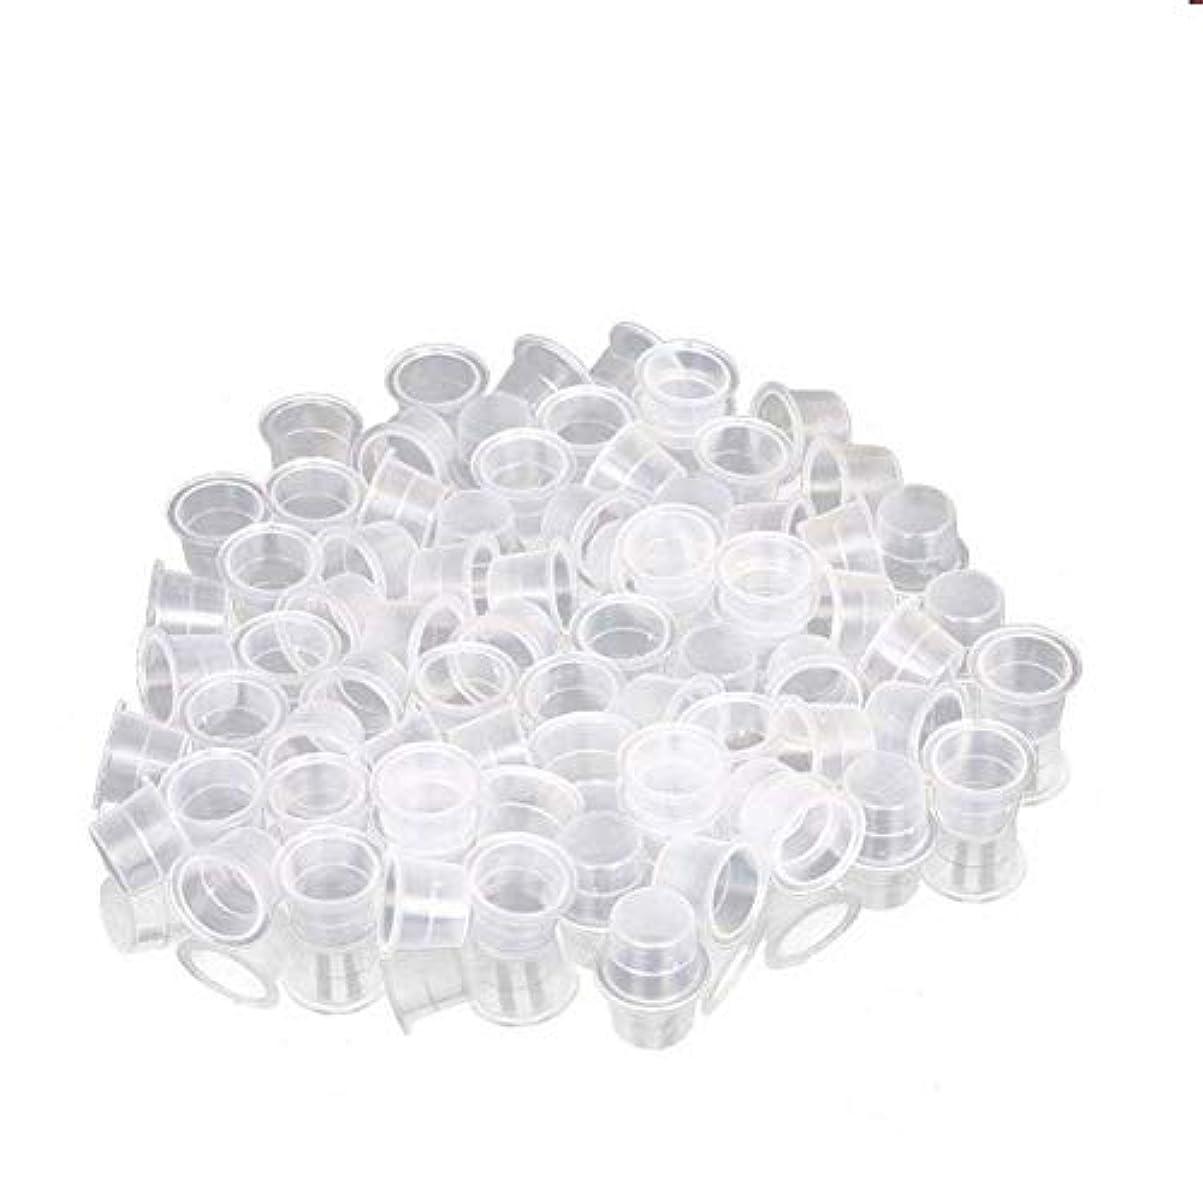 メンテナンス住所珍味インクカップ、顔料カップ、顔料ボックス ディスポーザブル、シリコーン製颜料ツール、キッ100個のための小さな染料皿